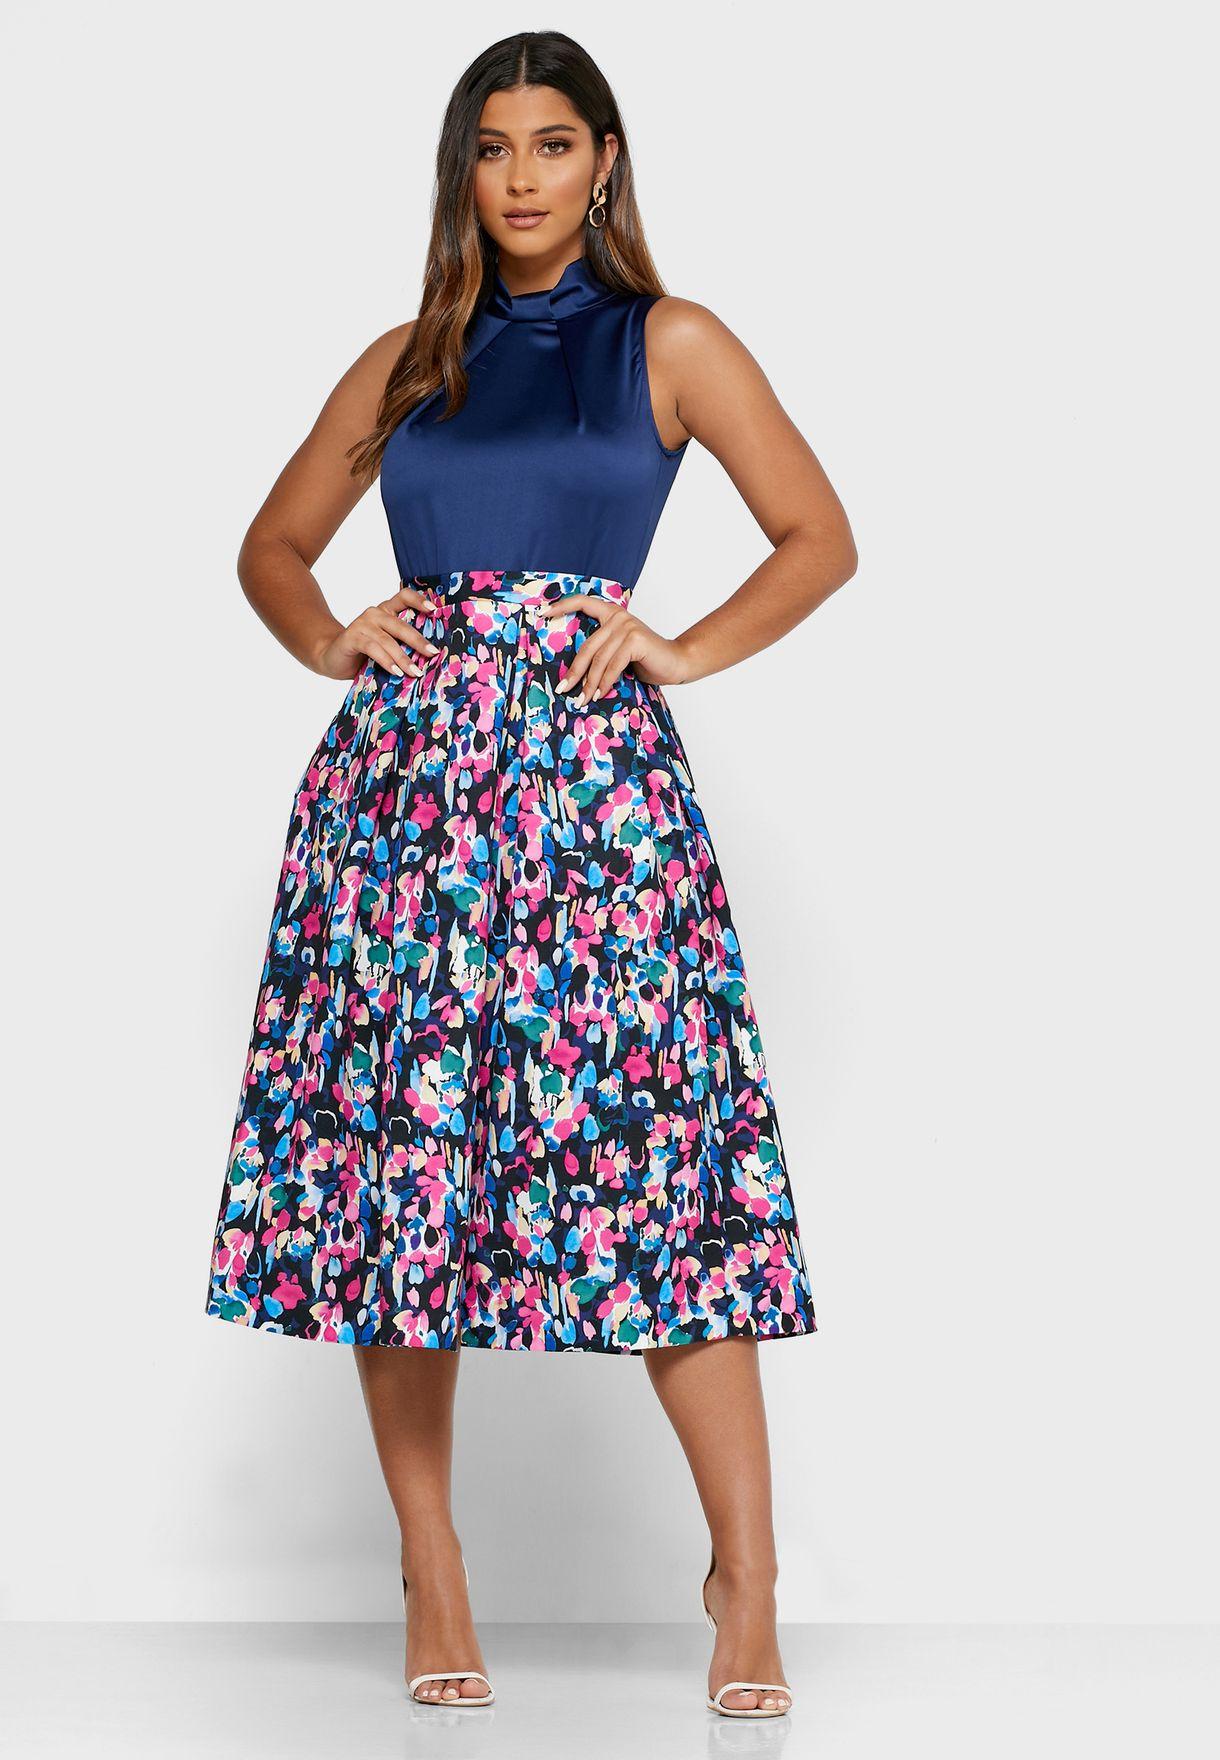 فستان ذو تنورة مزينة بطبعات مع جيوب جانبية